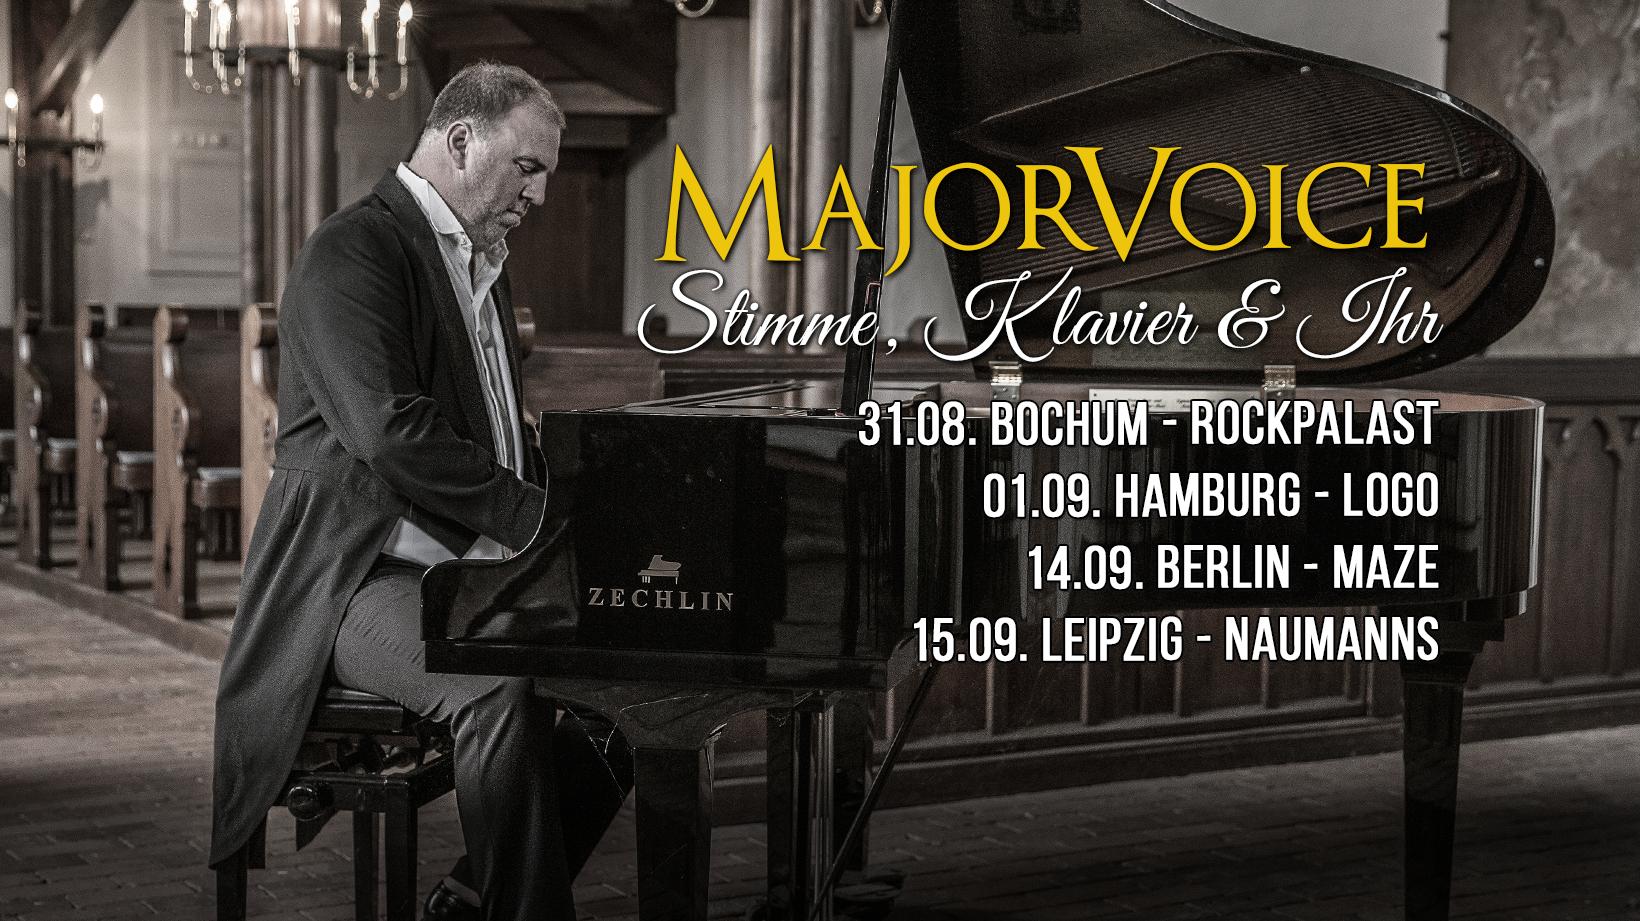 MajorVoice Stimme Klavier Ihr Tour 2018